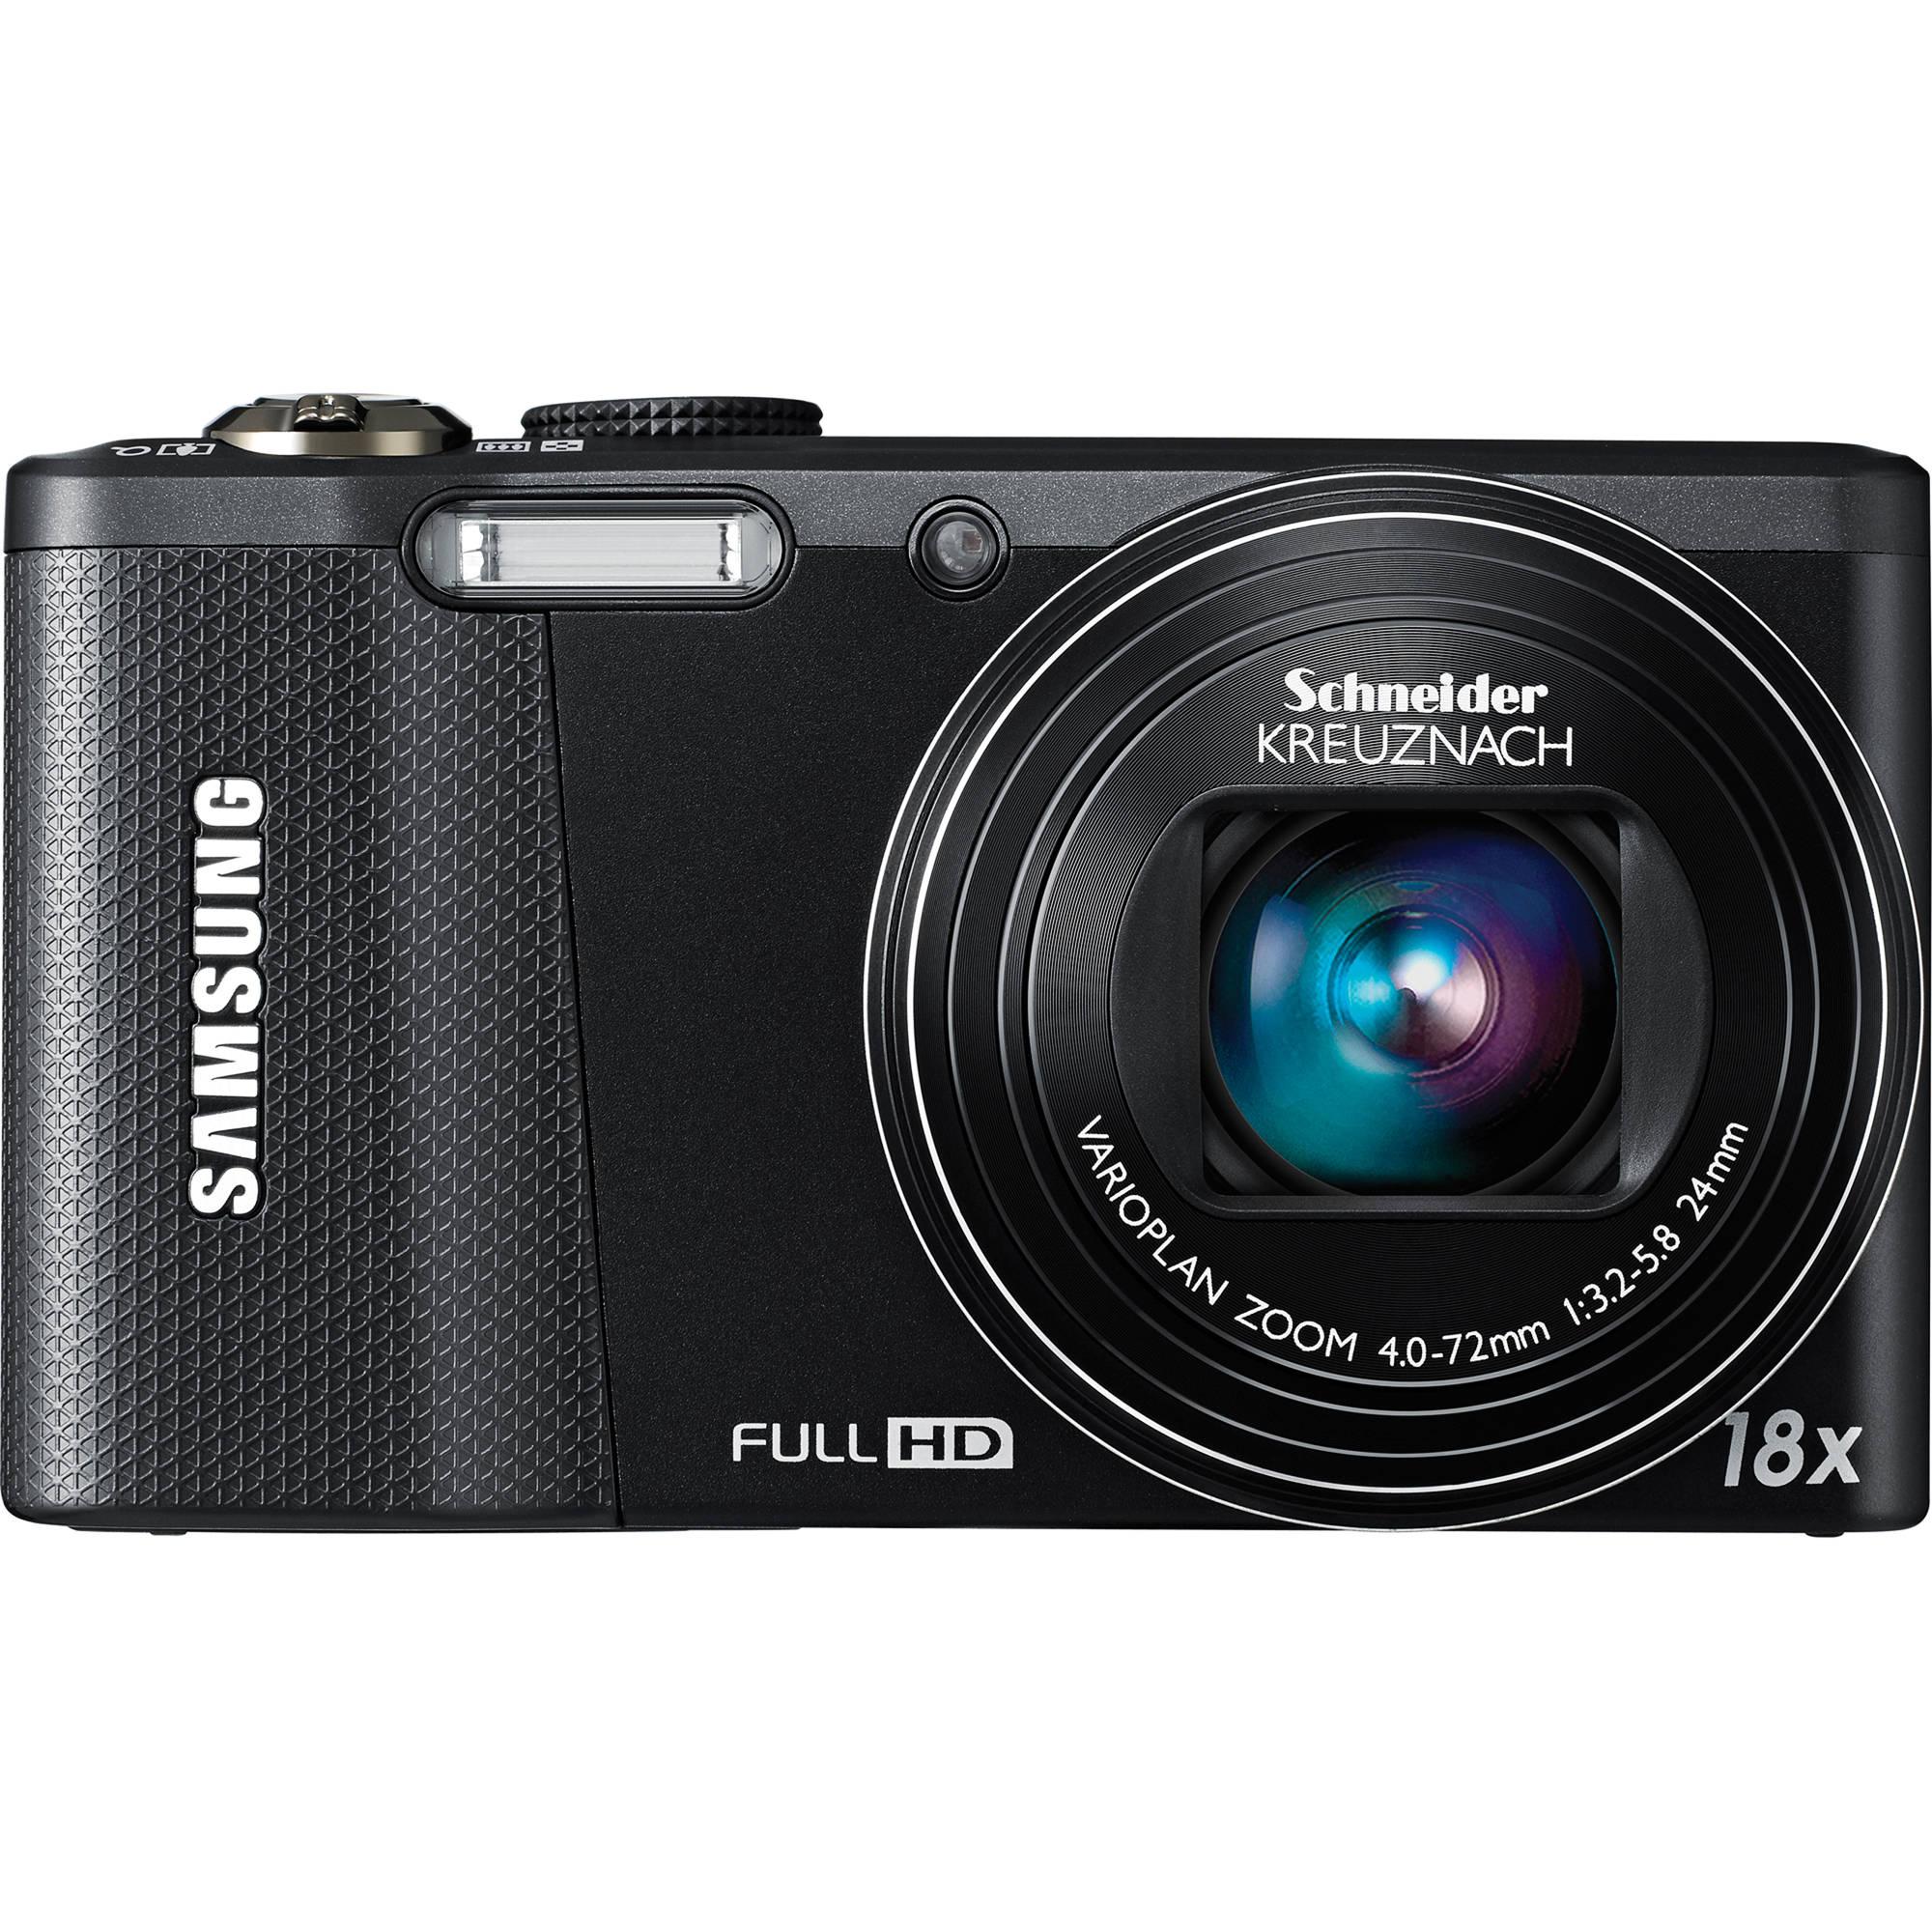 Samsung WB750 Digital Camera (Black) EC-WB750ZBPBUS B&H Photo